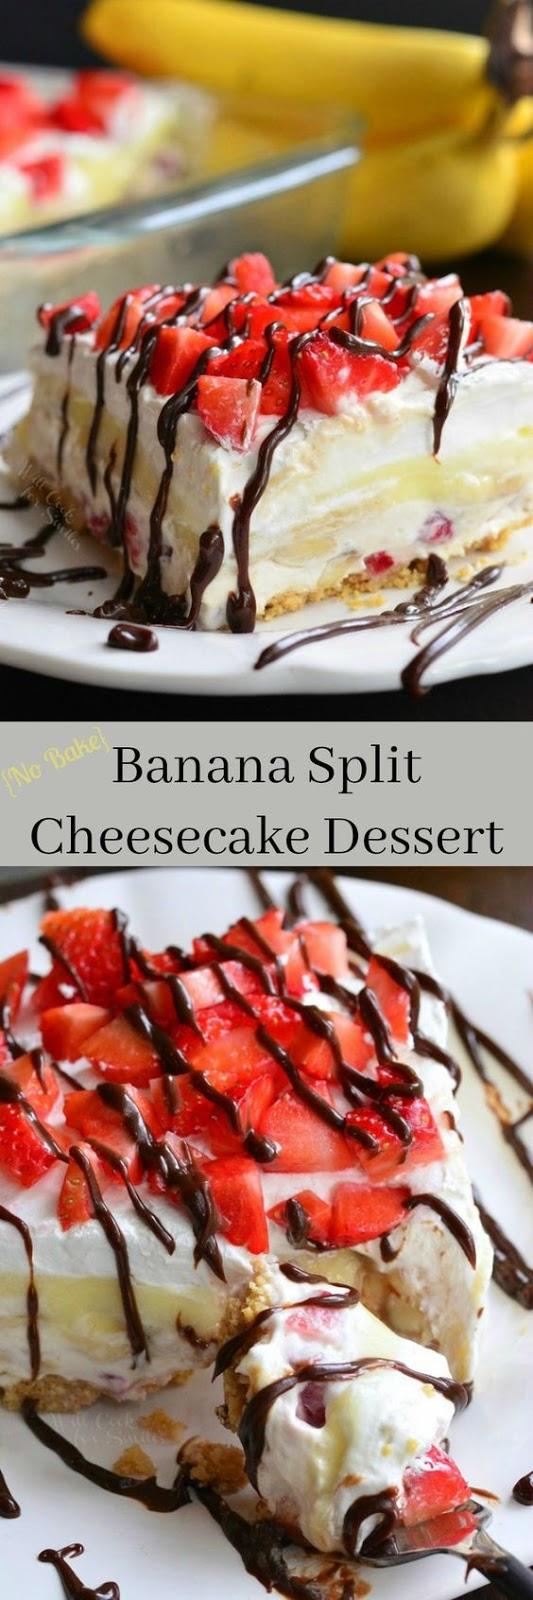 {No Bake} Banana Split Layered Cheesecake Dessert